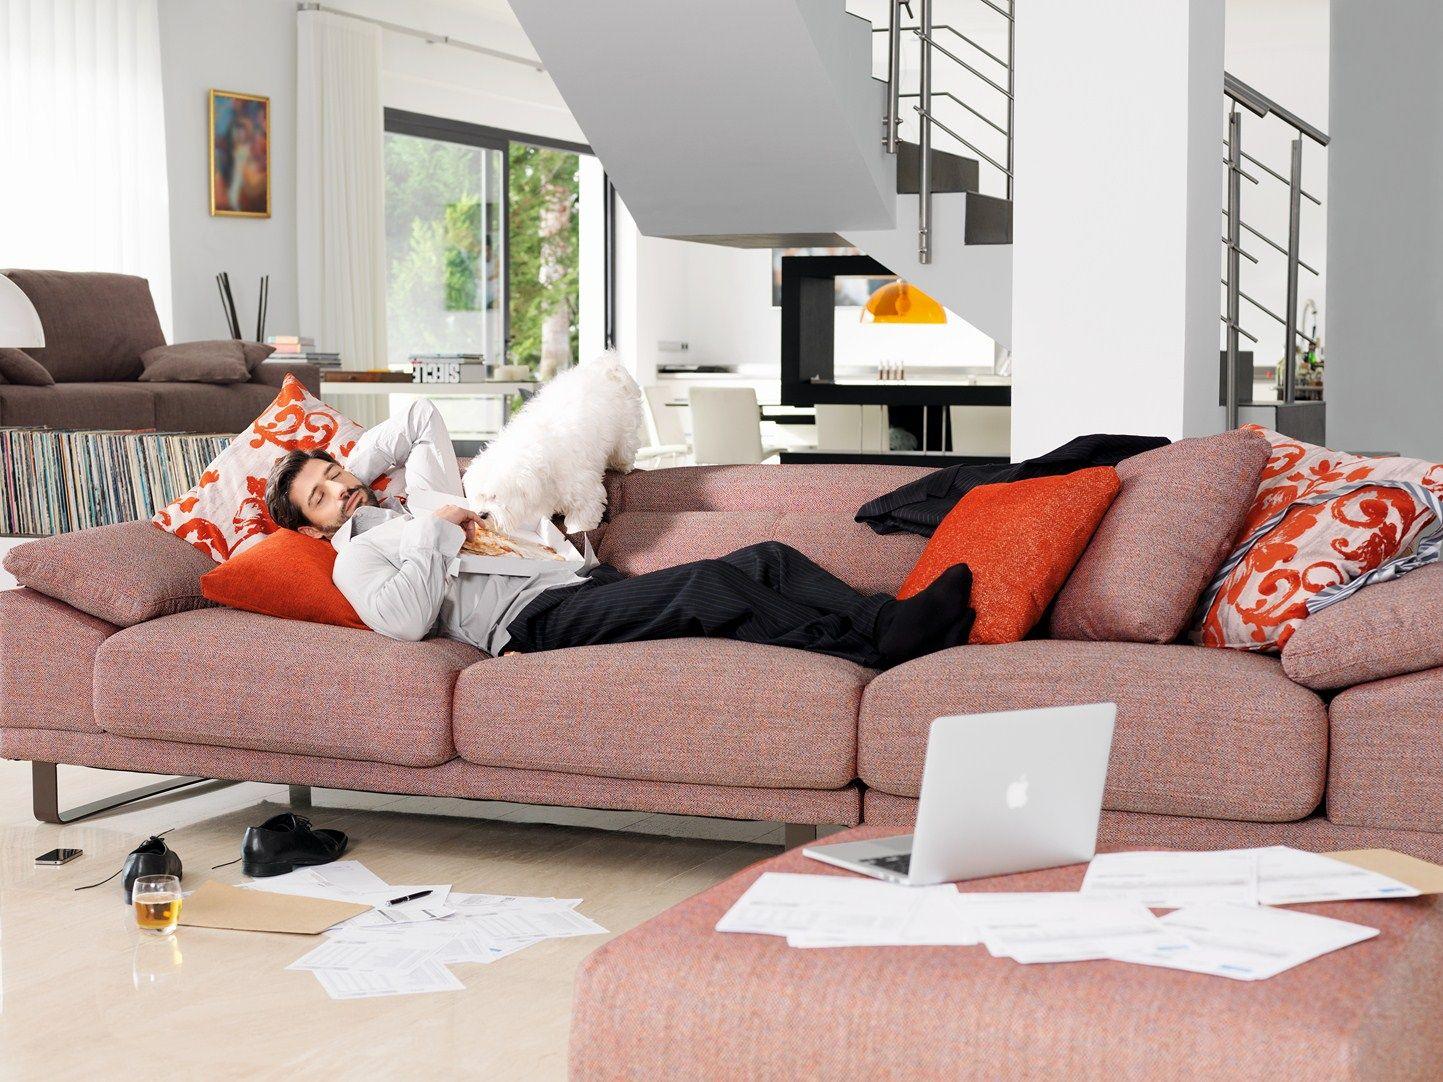 Telas tapiceria visual 6 telas aquaclean i tapicer a telas tapiceria y sof - Telas de tapicerias para sofas ...